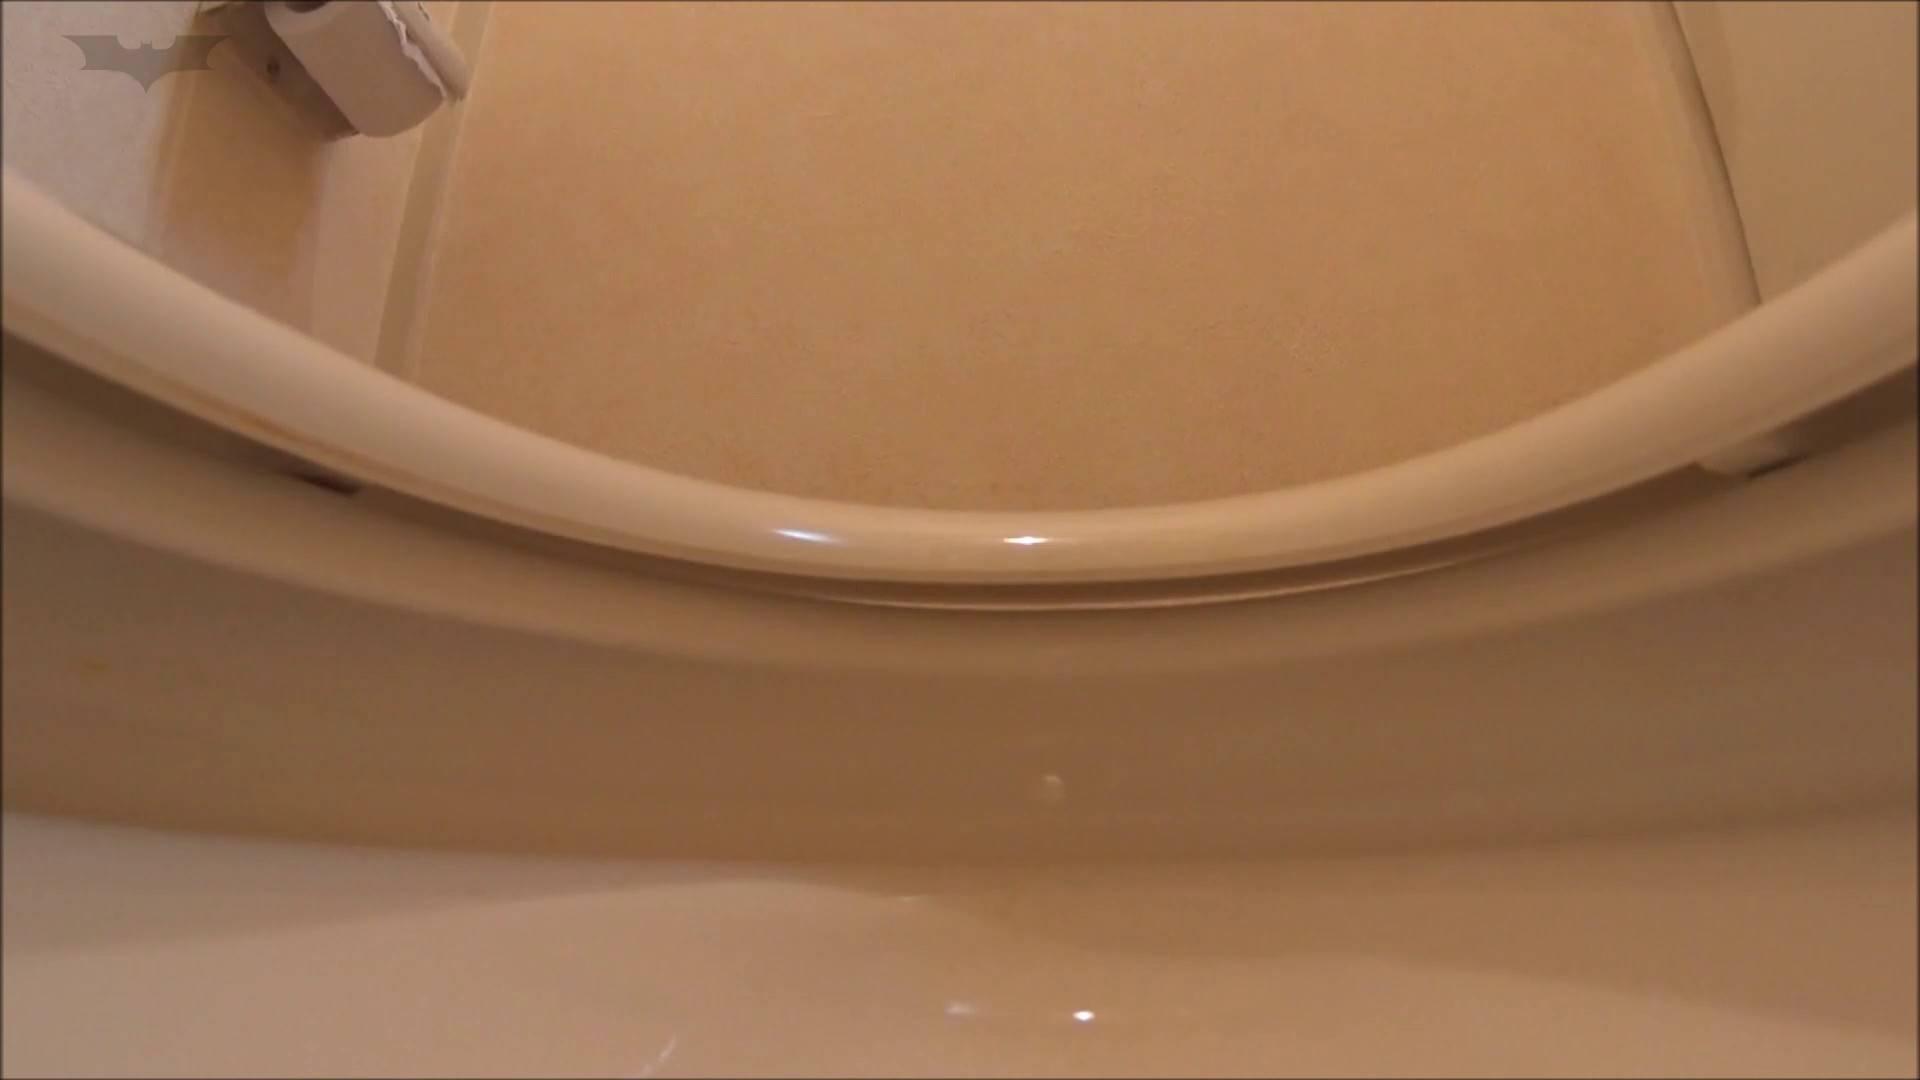 vol.01[洗面所]実はコレが目的でした。-安堵でブリブリ垂れ流す女子大生- 盗撮 オマンコ無修正動画無料 50pic 21